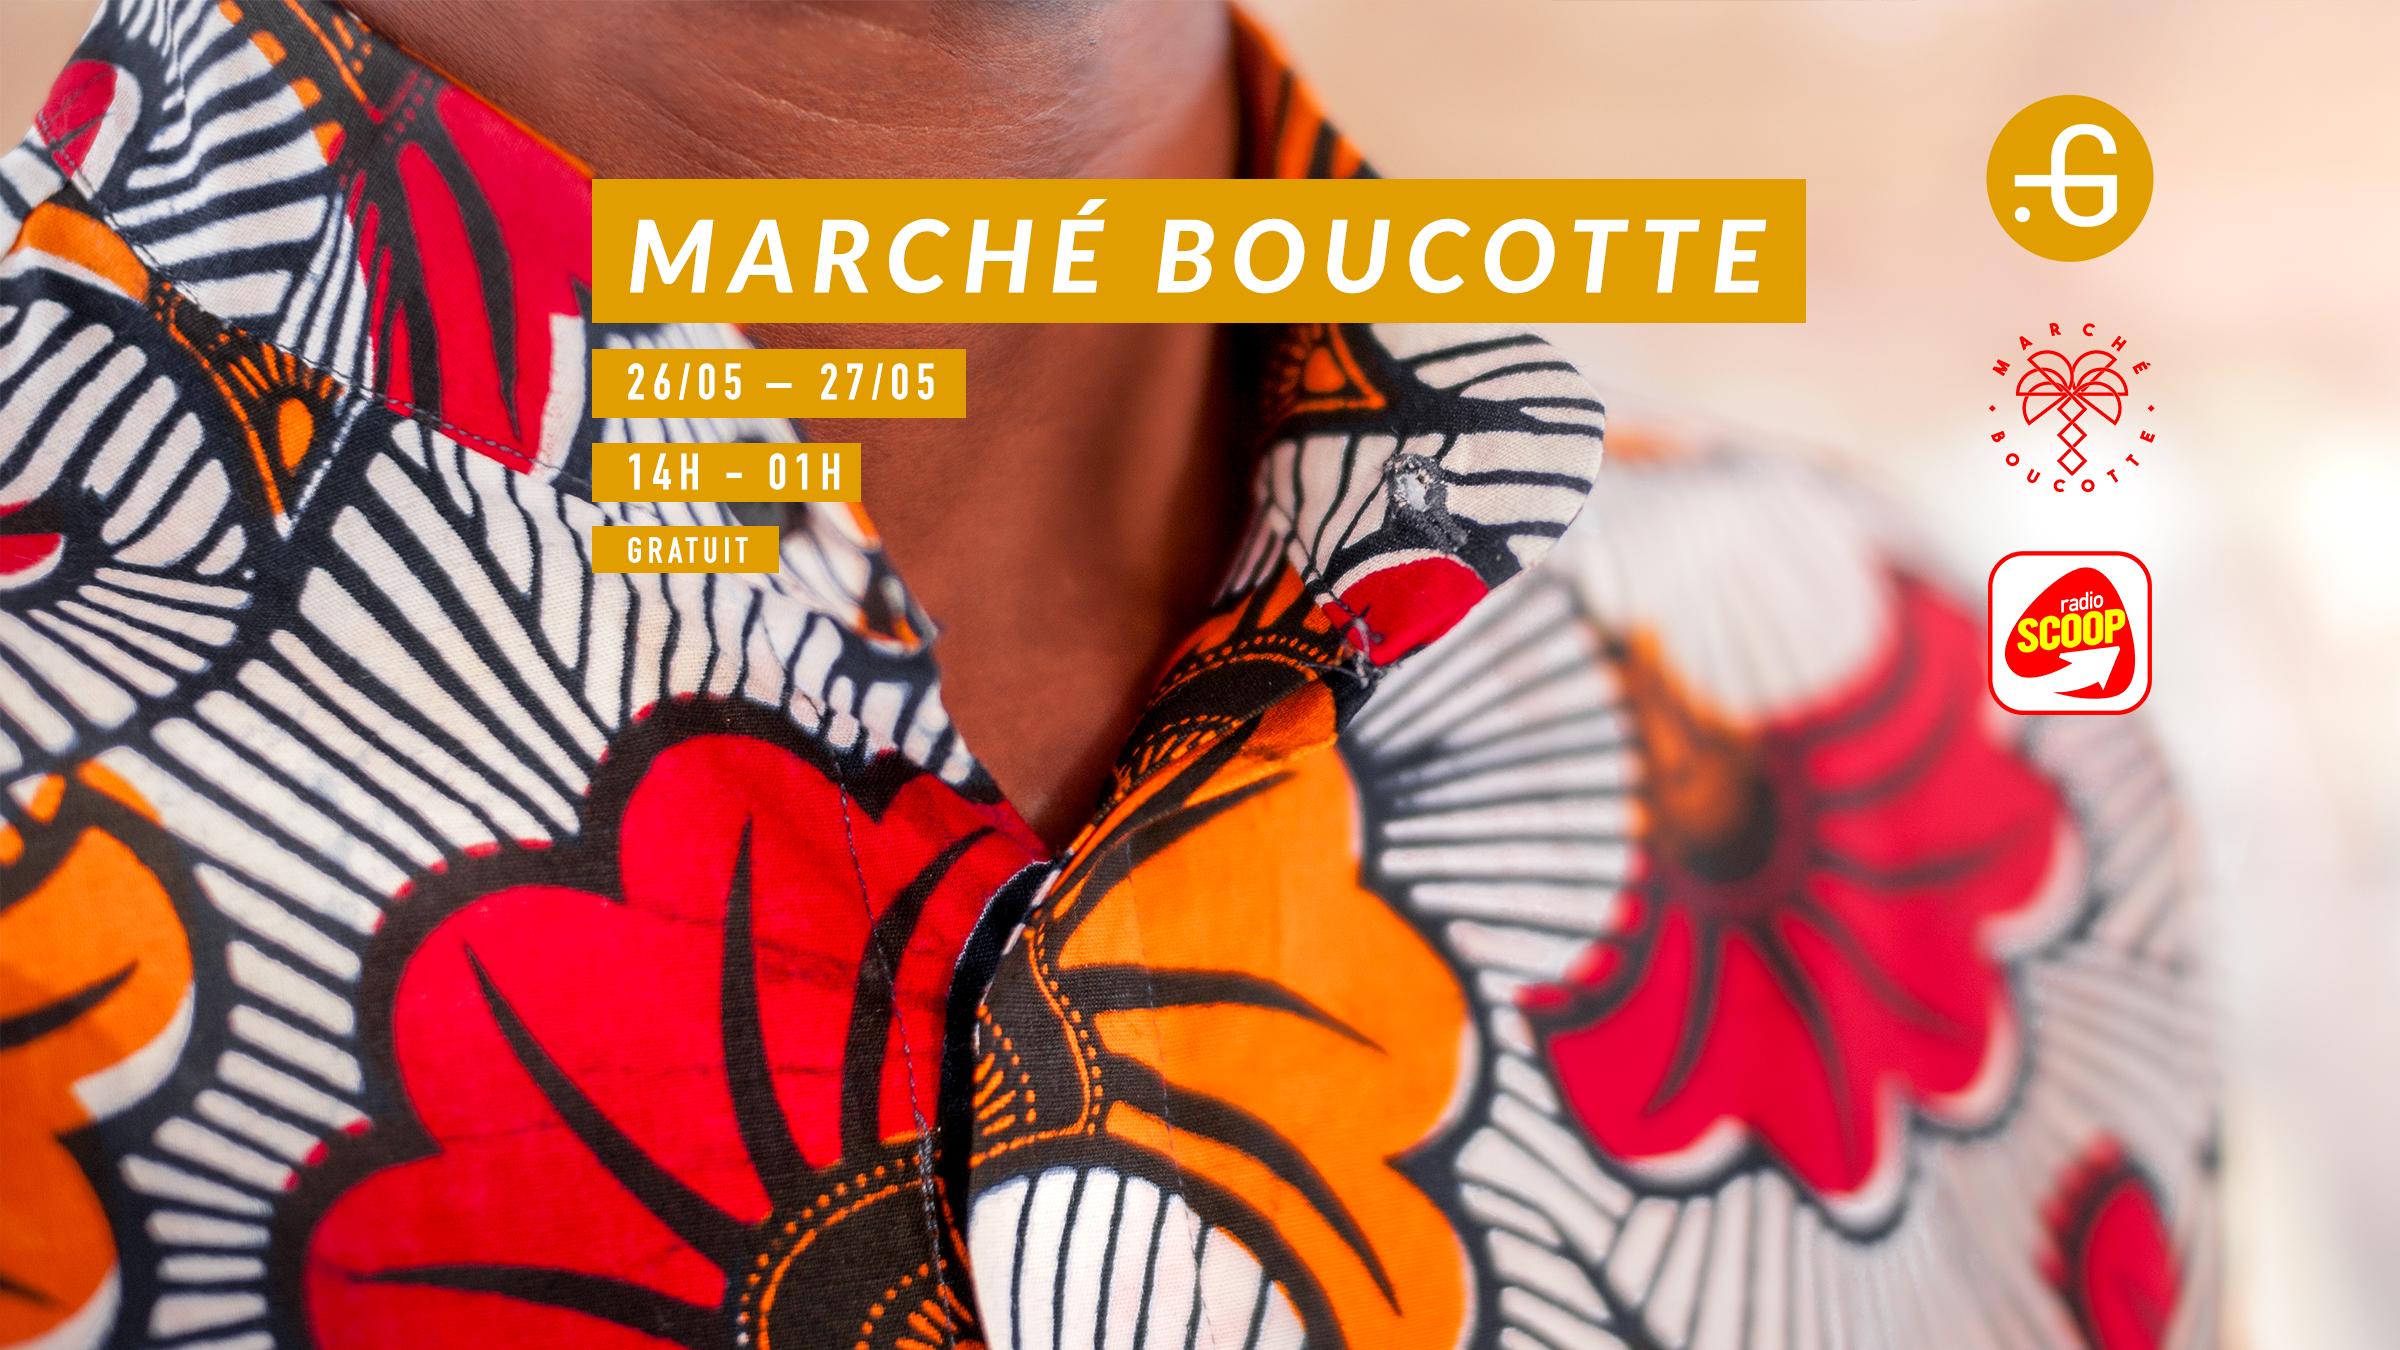 Marché boucotte, 26-27 mai 2018